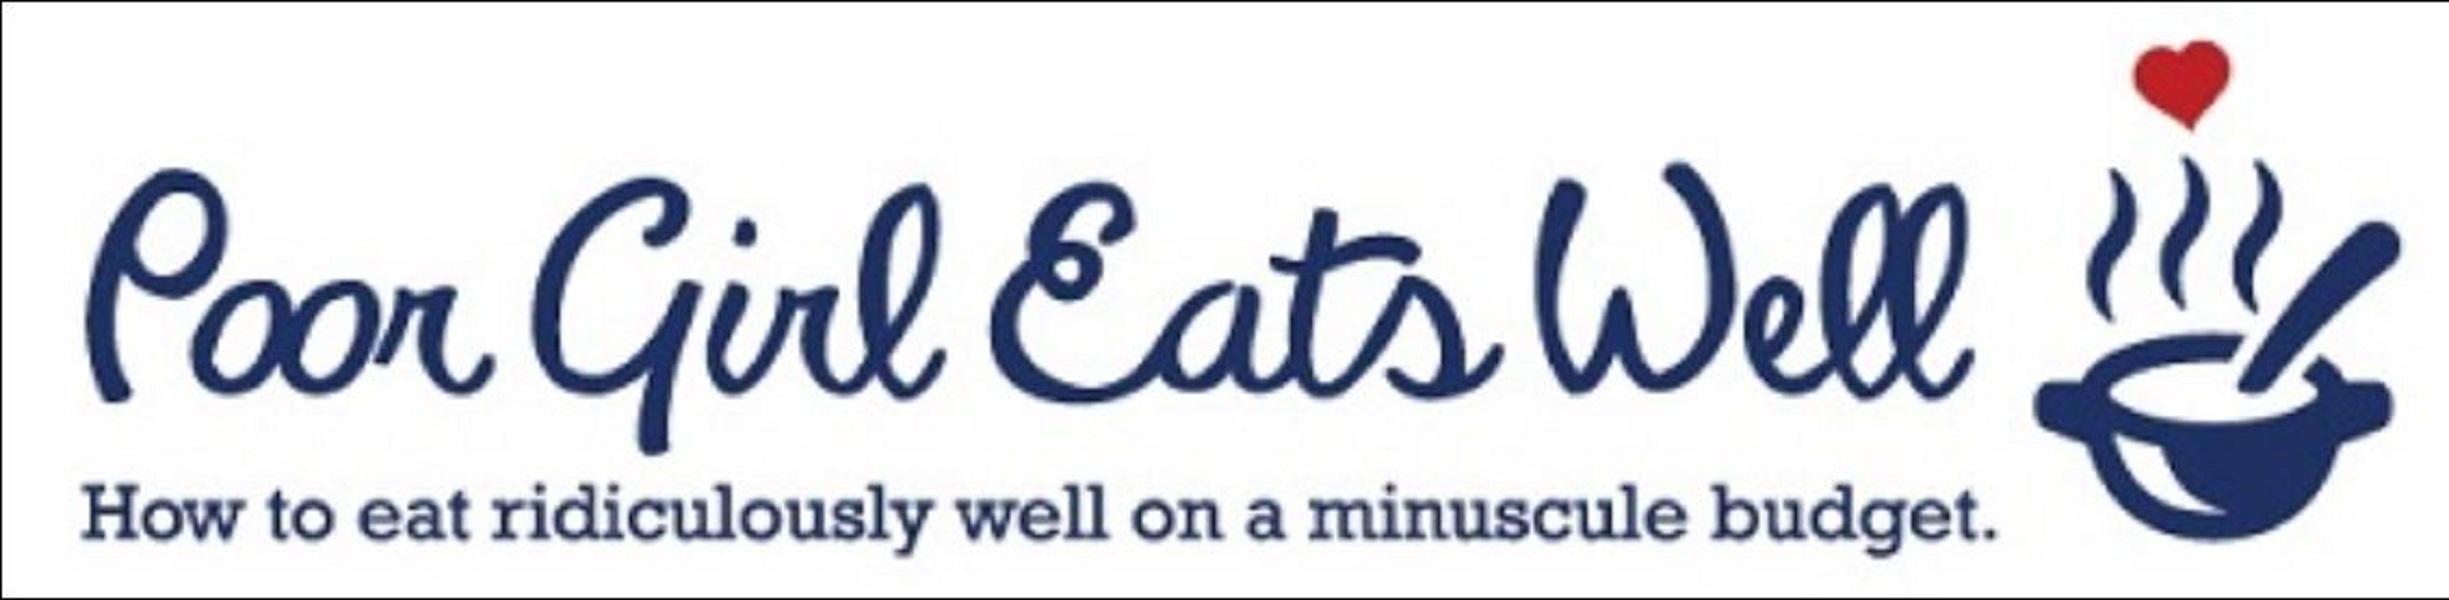 Poor Girl Eats Well (@poorgirleatswell) Cover Image